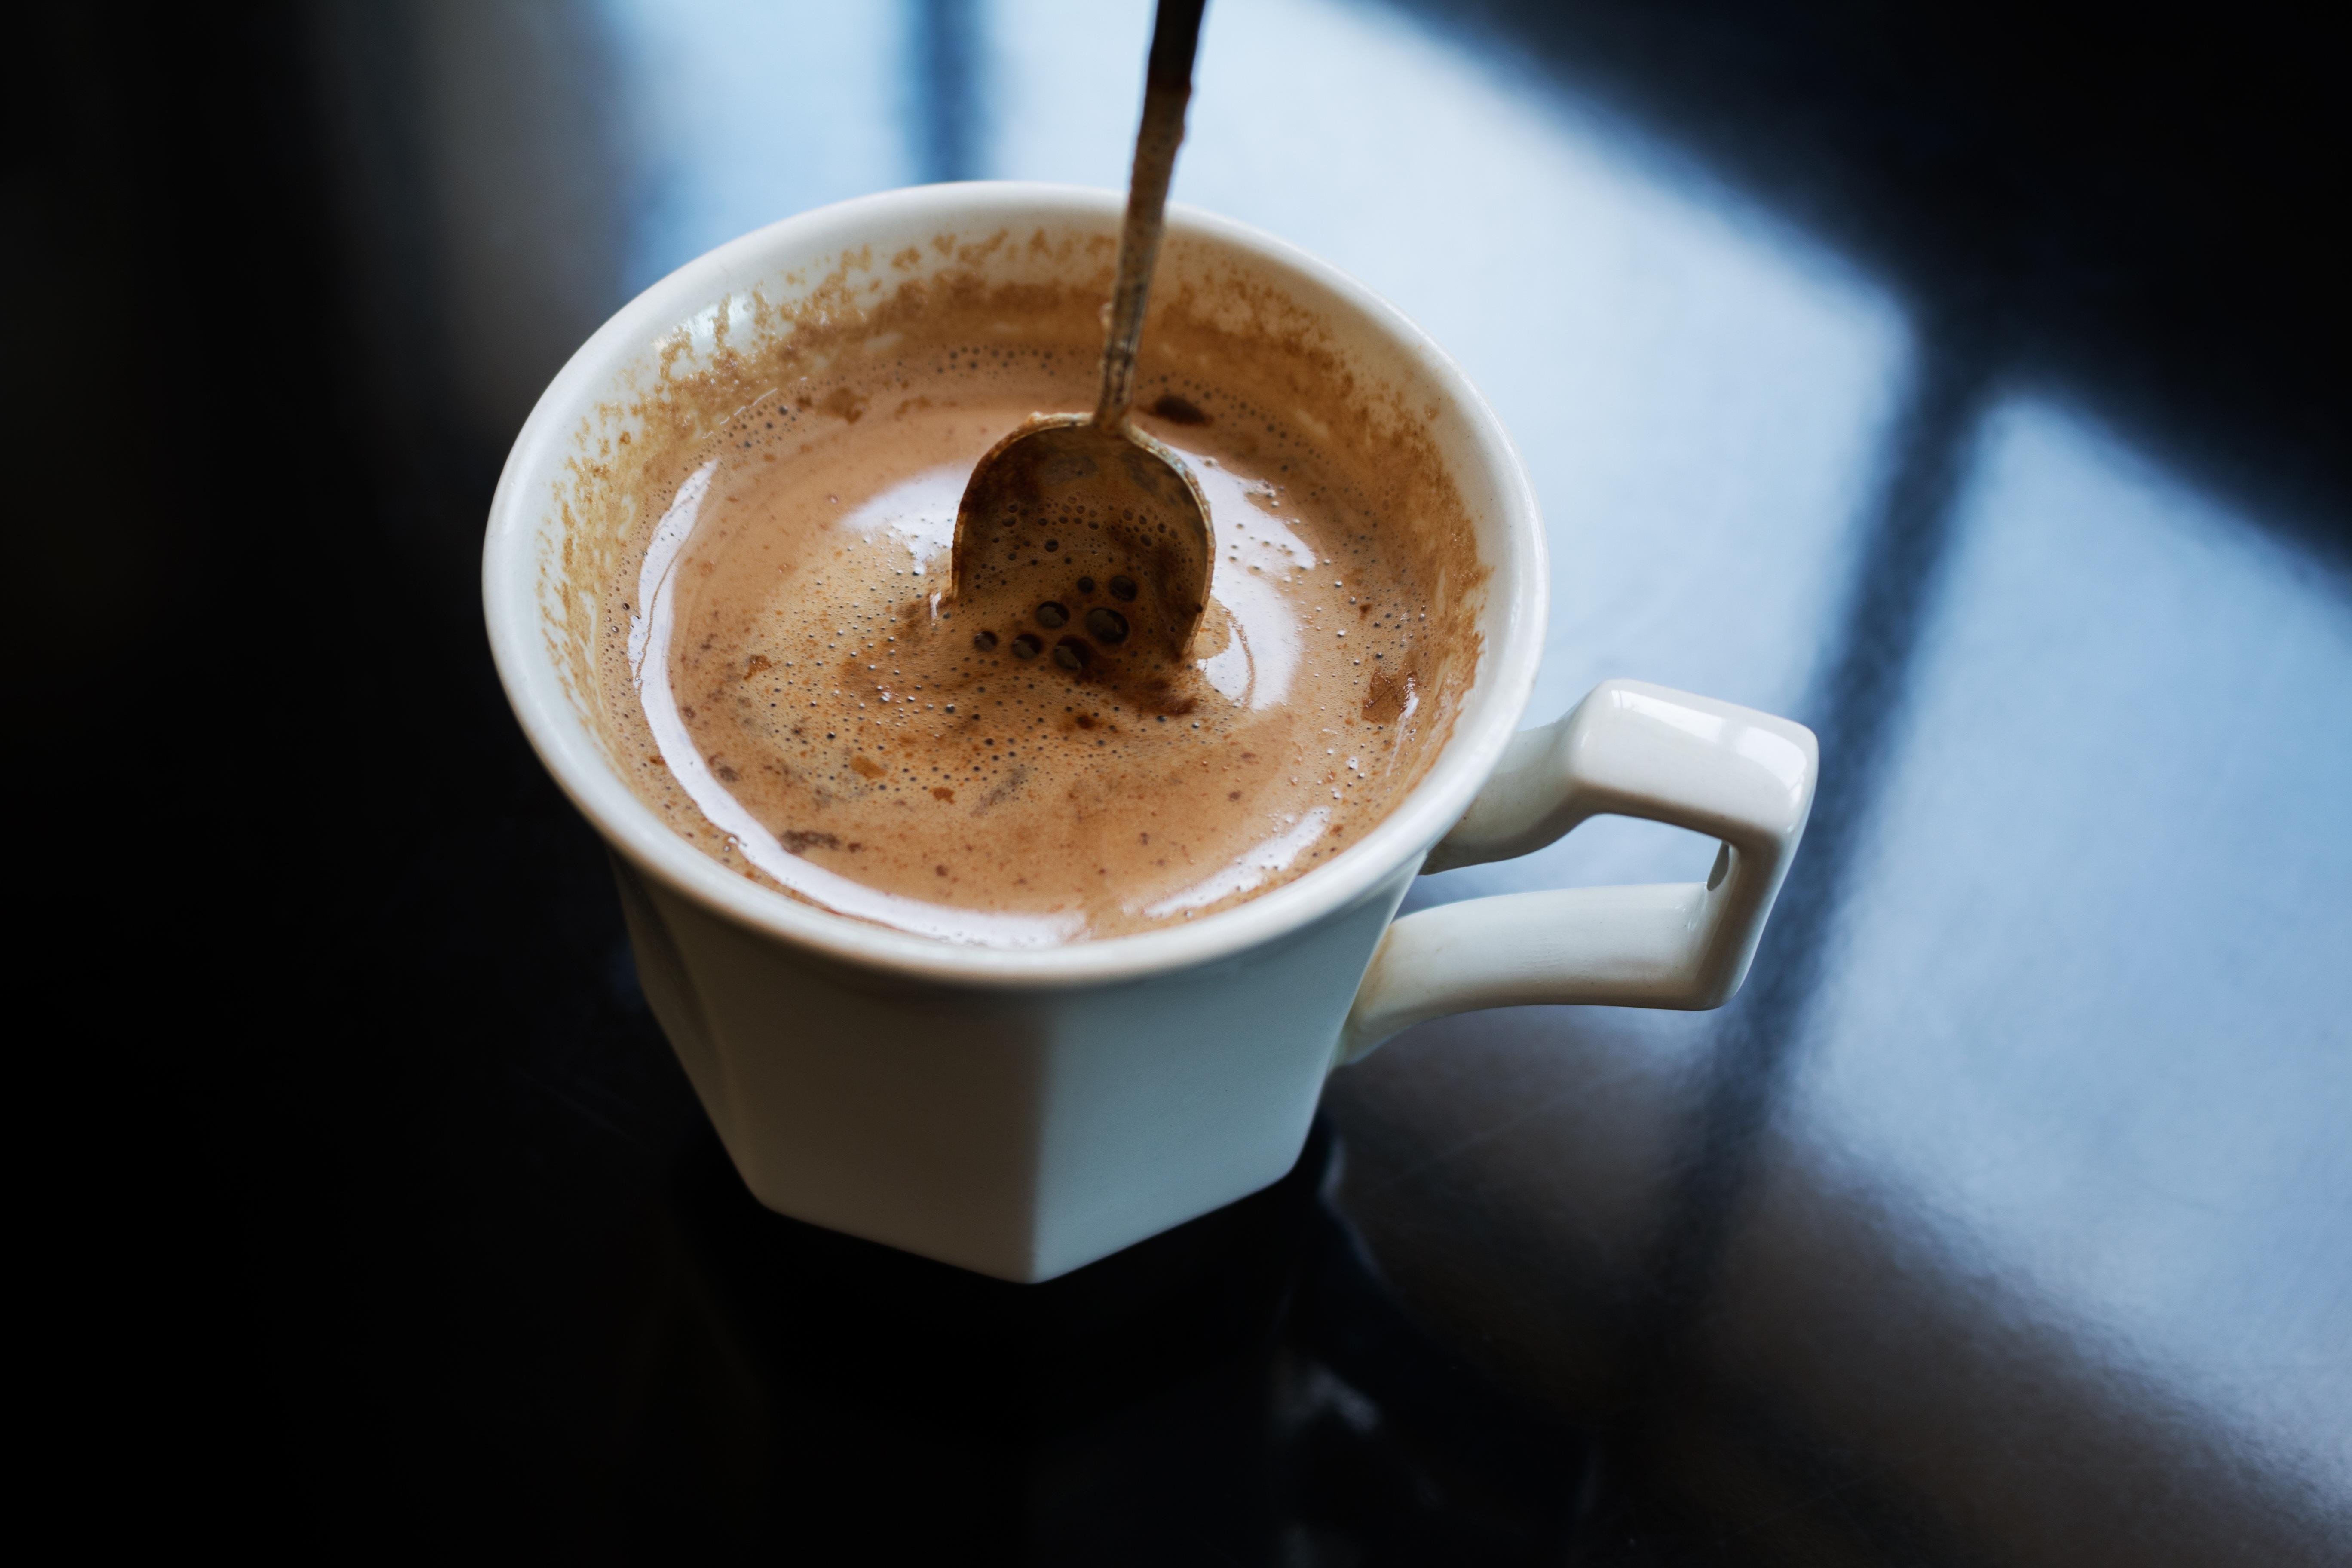 Immagini belle : finestra latte macchiato cappuccino colore